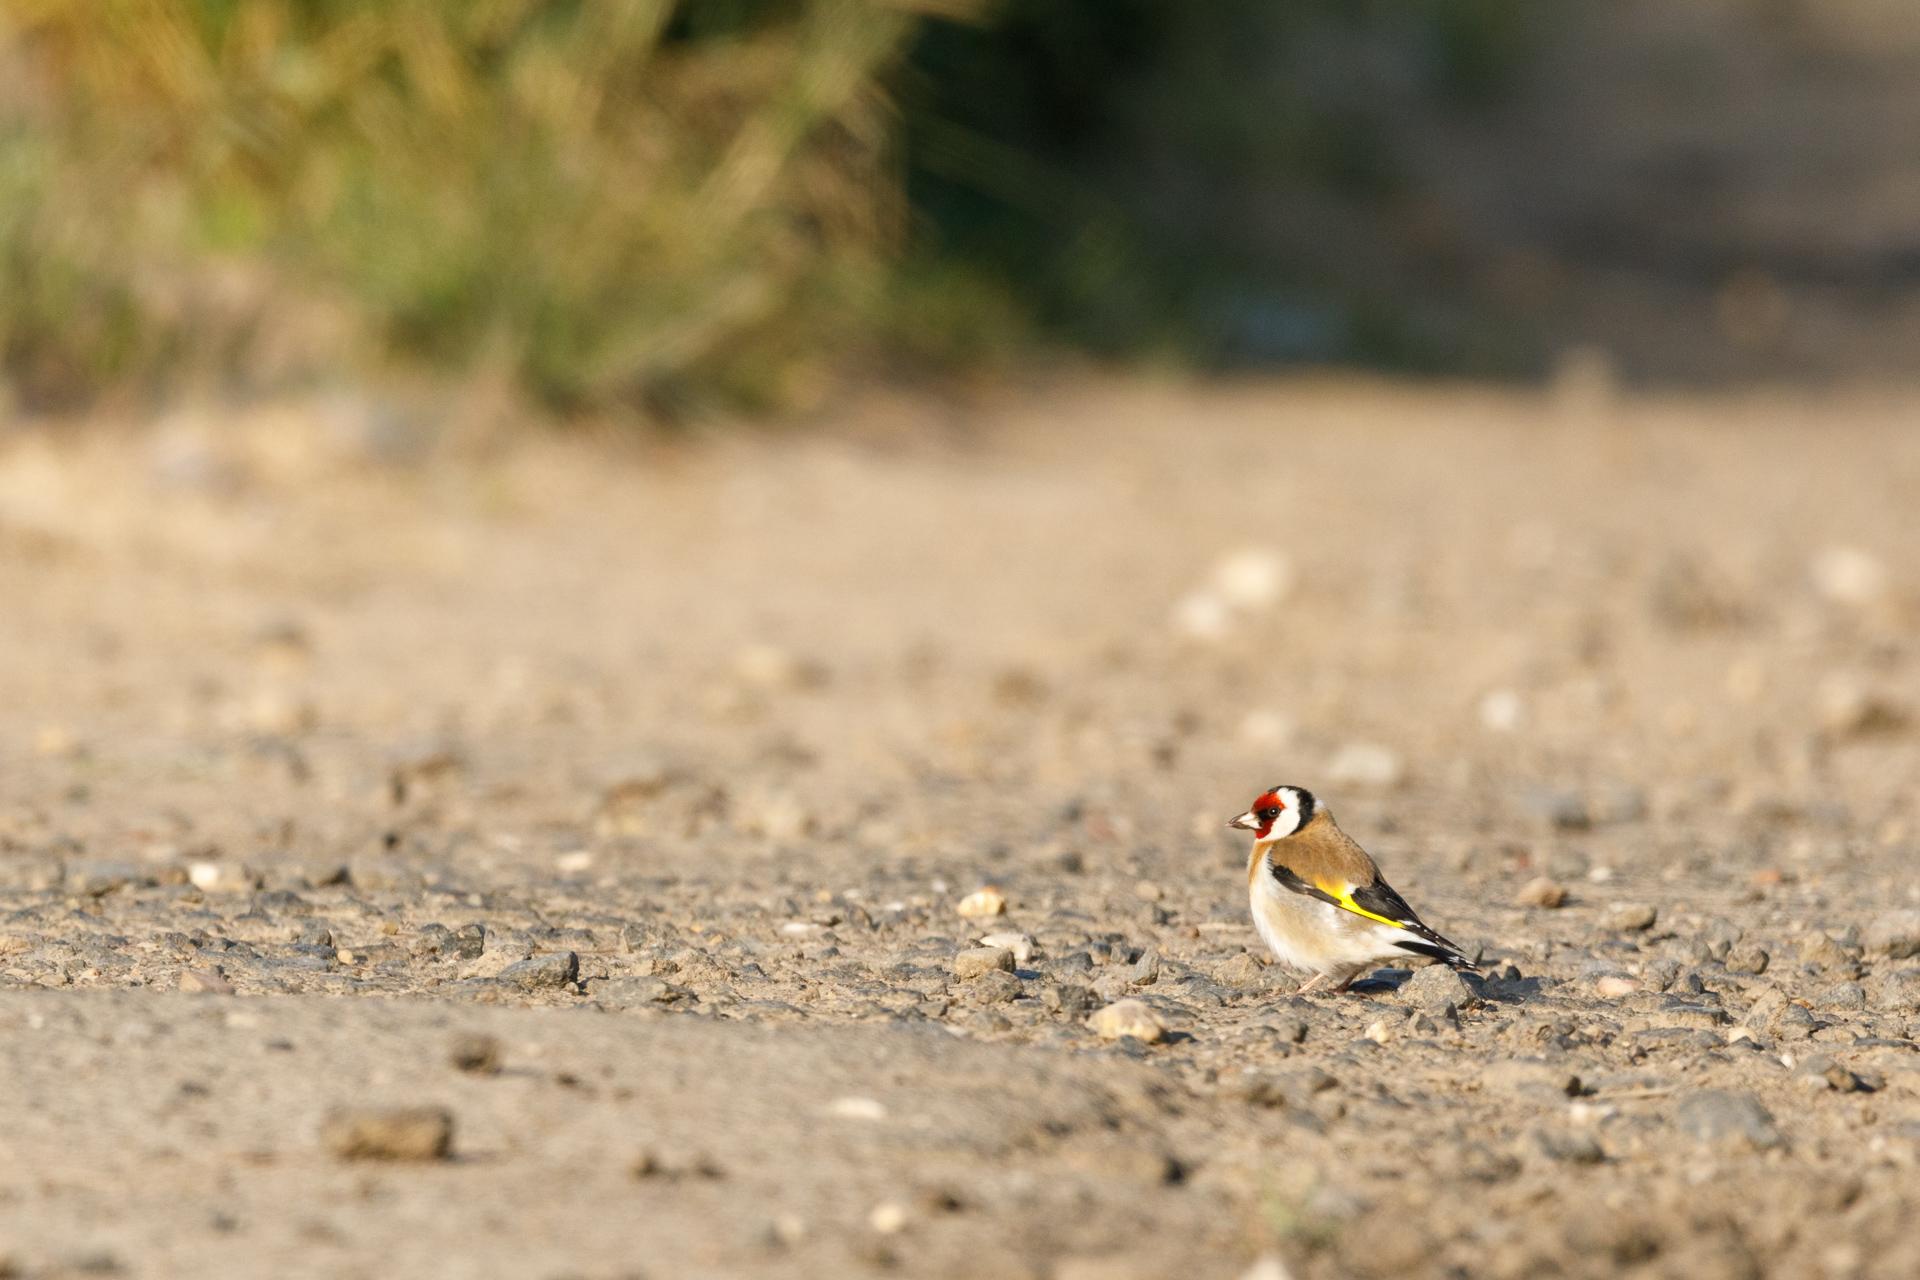 Ein Stieglitz (Carduelis carduelis) sucht auf dem Weg nach Nahrung / Foto: Andreas Sebald